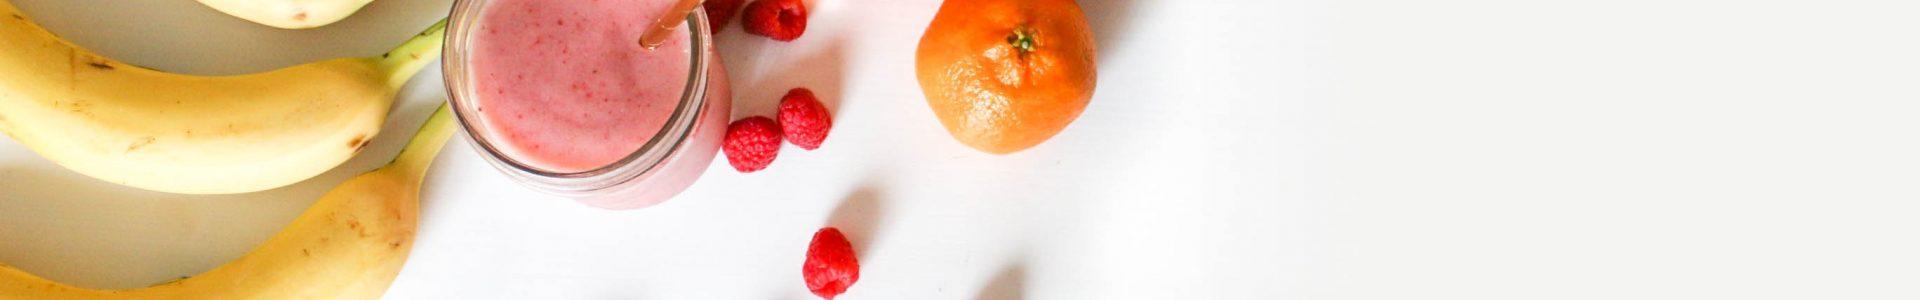 Wichtige Vitalstoffe im Winter – diese Nährstoffe sollten Sie im Blick haben!